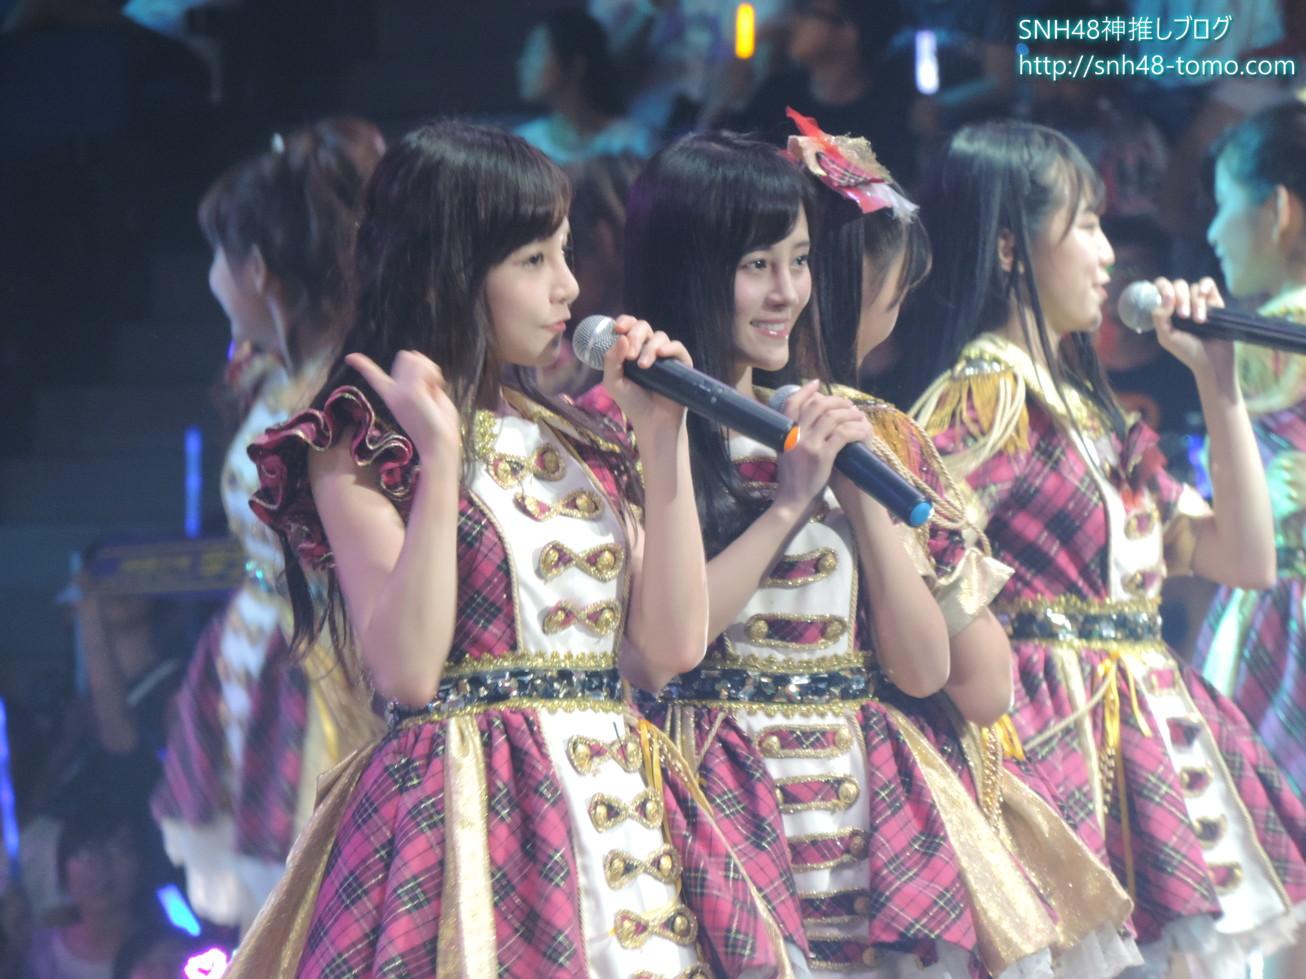 【超必見】SNH48第二回選抜総選挙レポート:コンサート編(その4 鈴懸なんちゃら他)